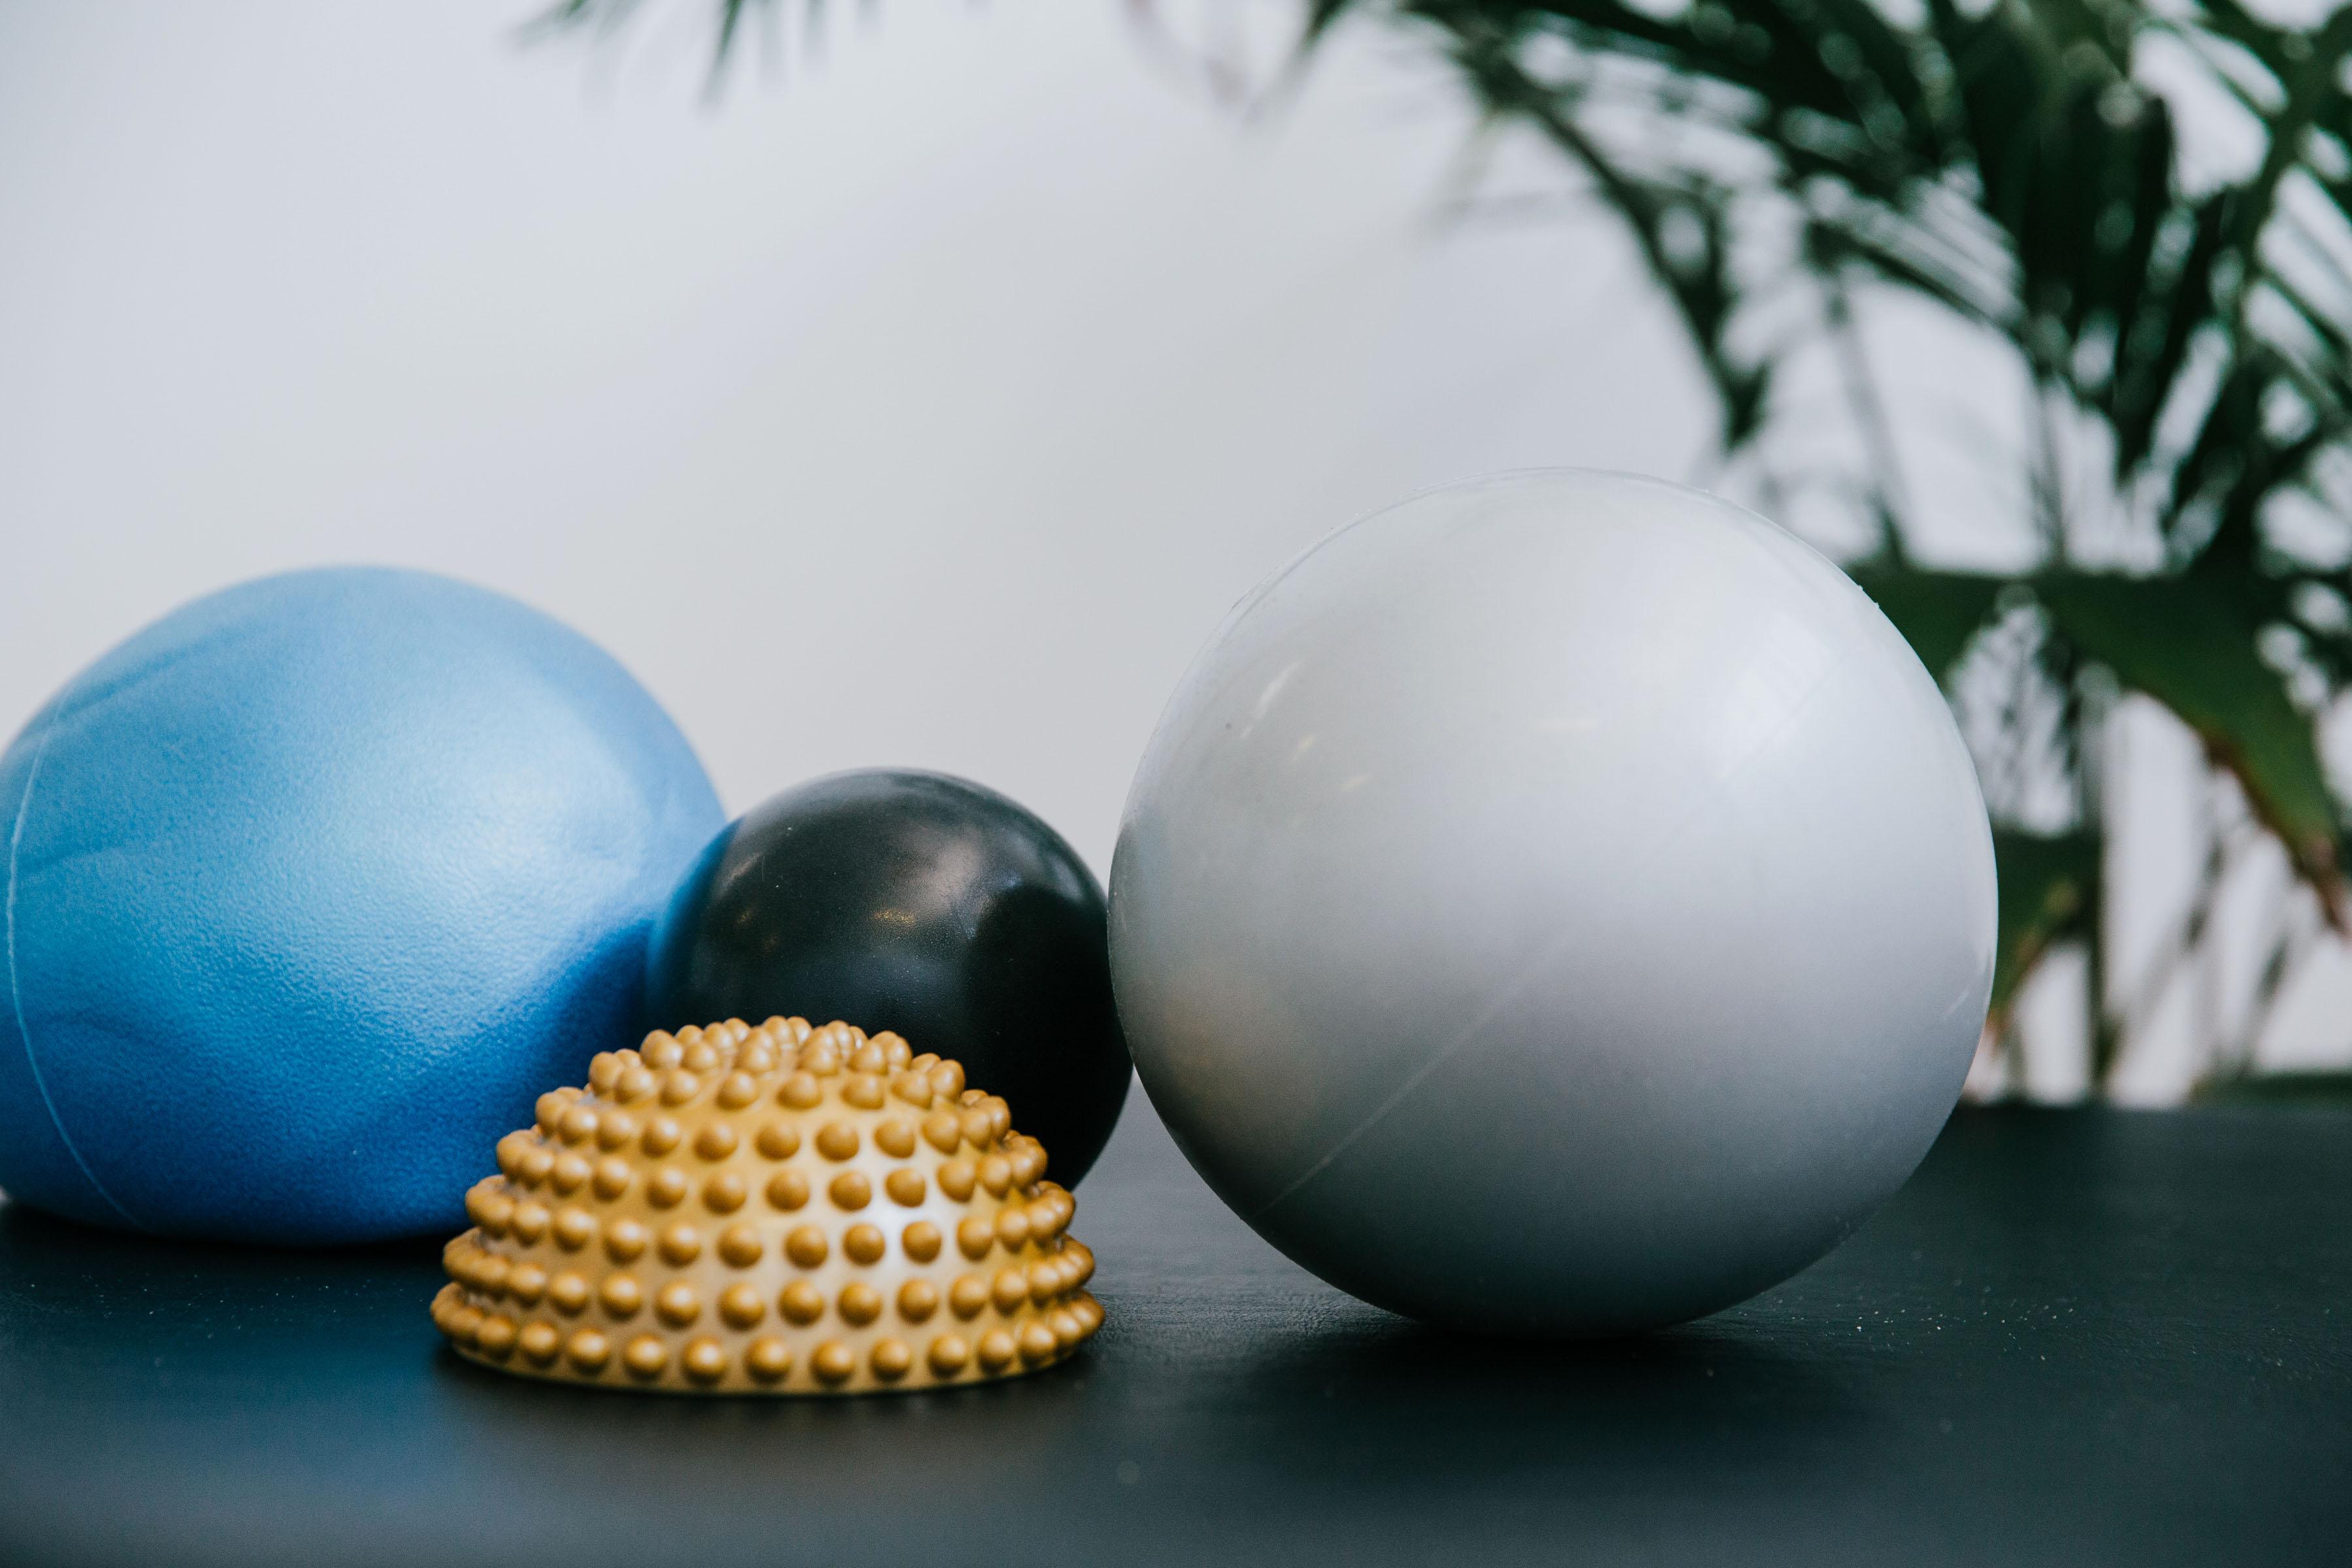 Balls and a hedgehog